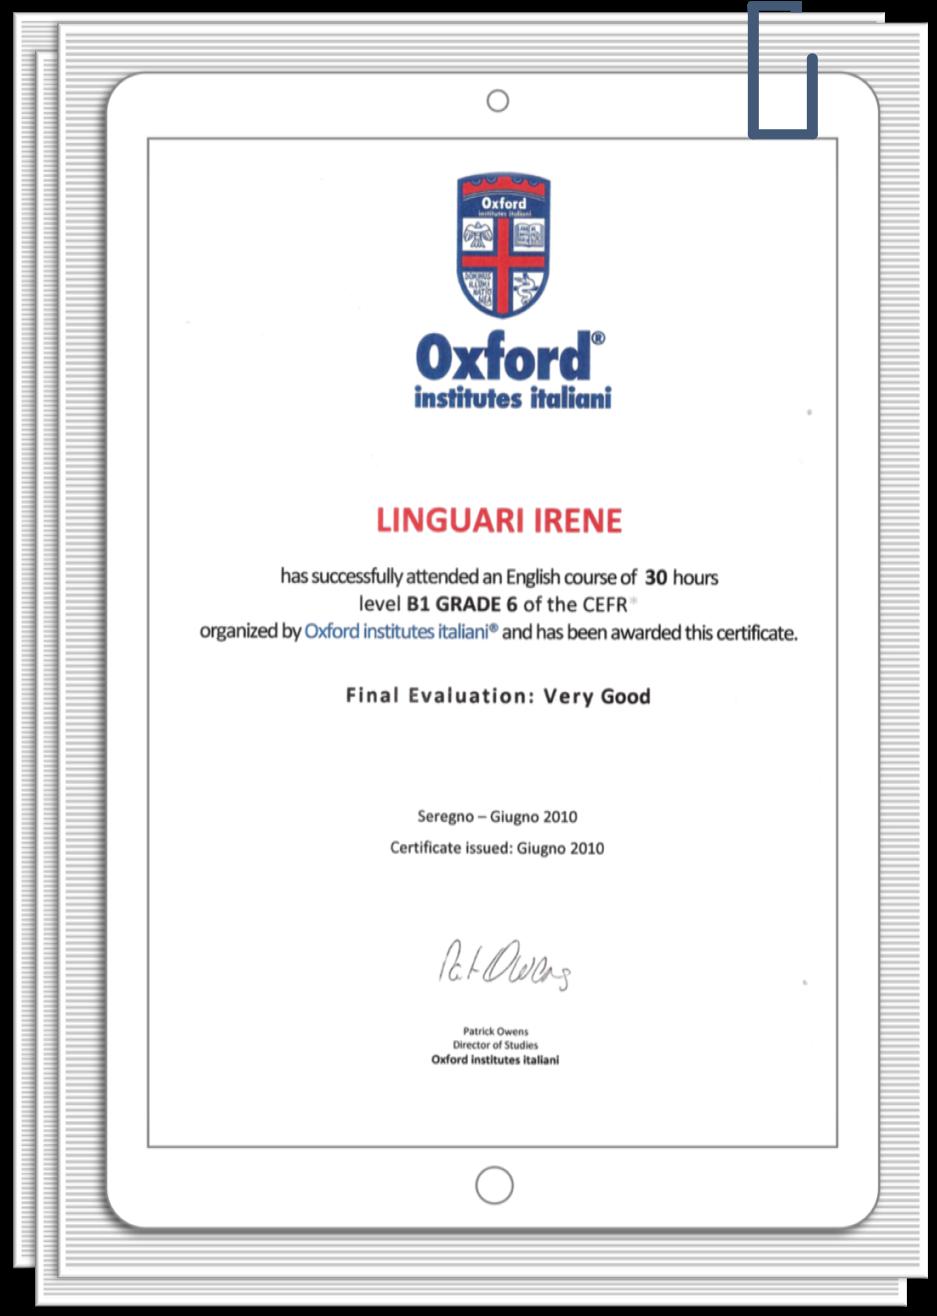 IreneLinguari_AssistenteDallaAallaZeta_About_Irene_02_Formazione_English_Oxford_Lev6_att